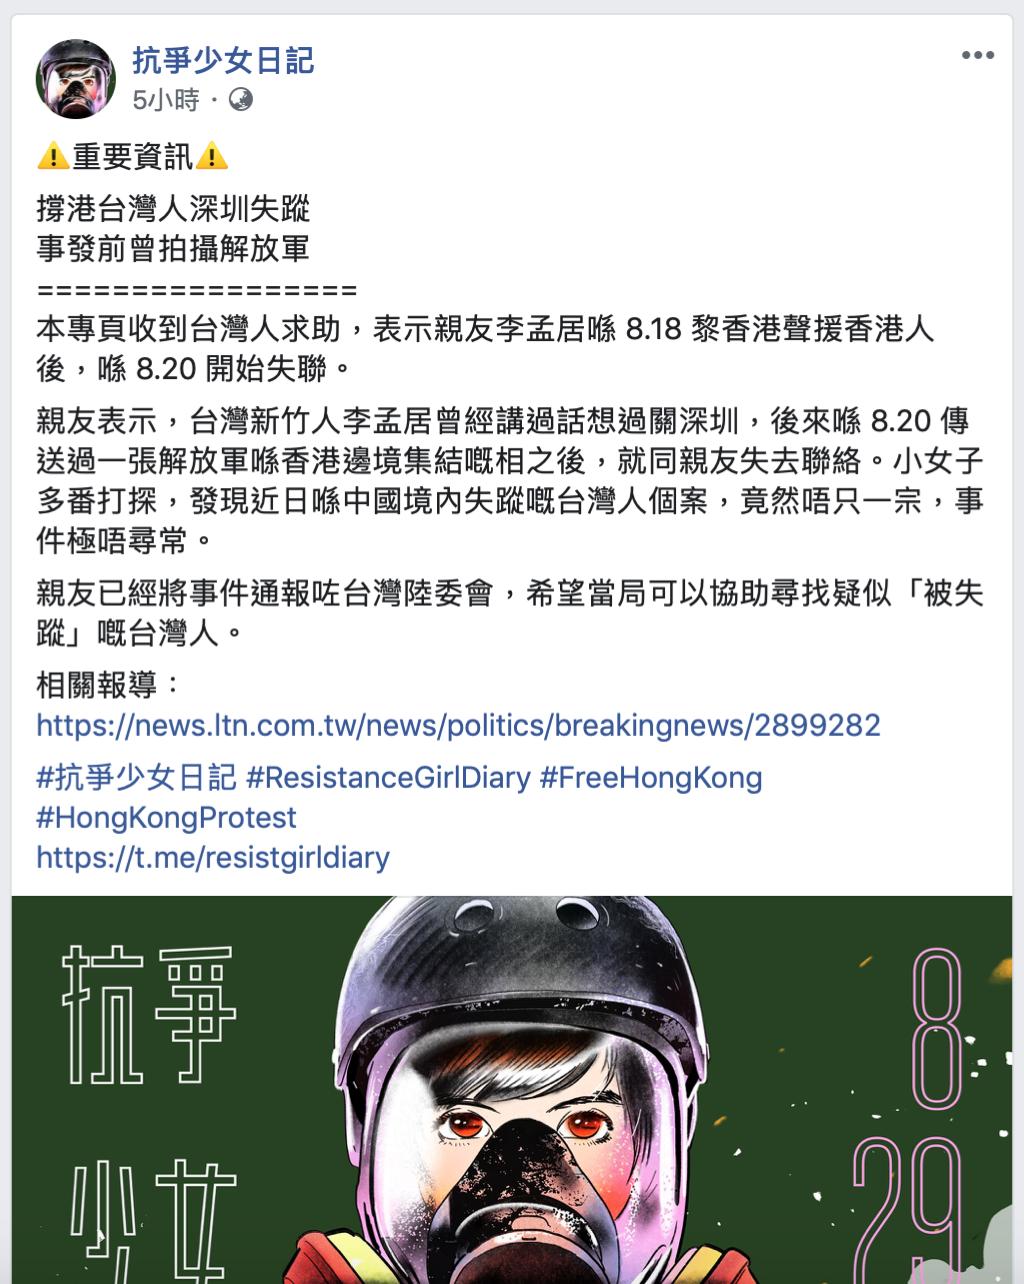 抗争少女日记粉专发布李孟居失踪的消息。(抗争少女日记粉专截图)